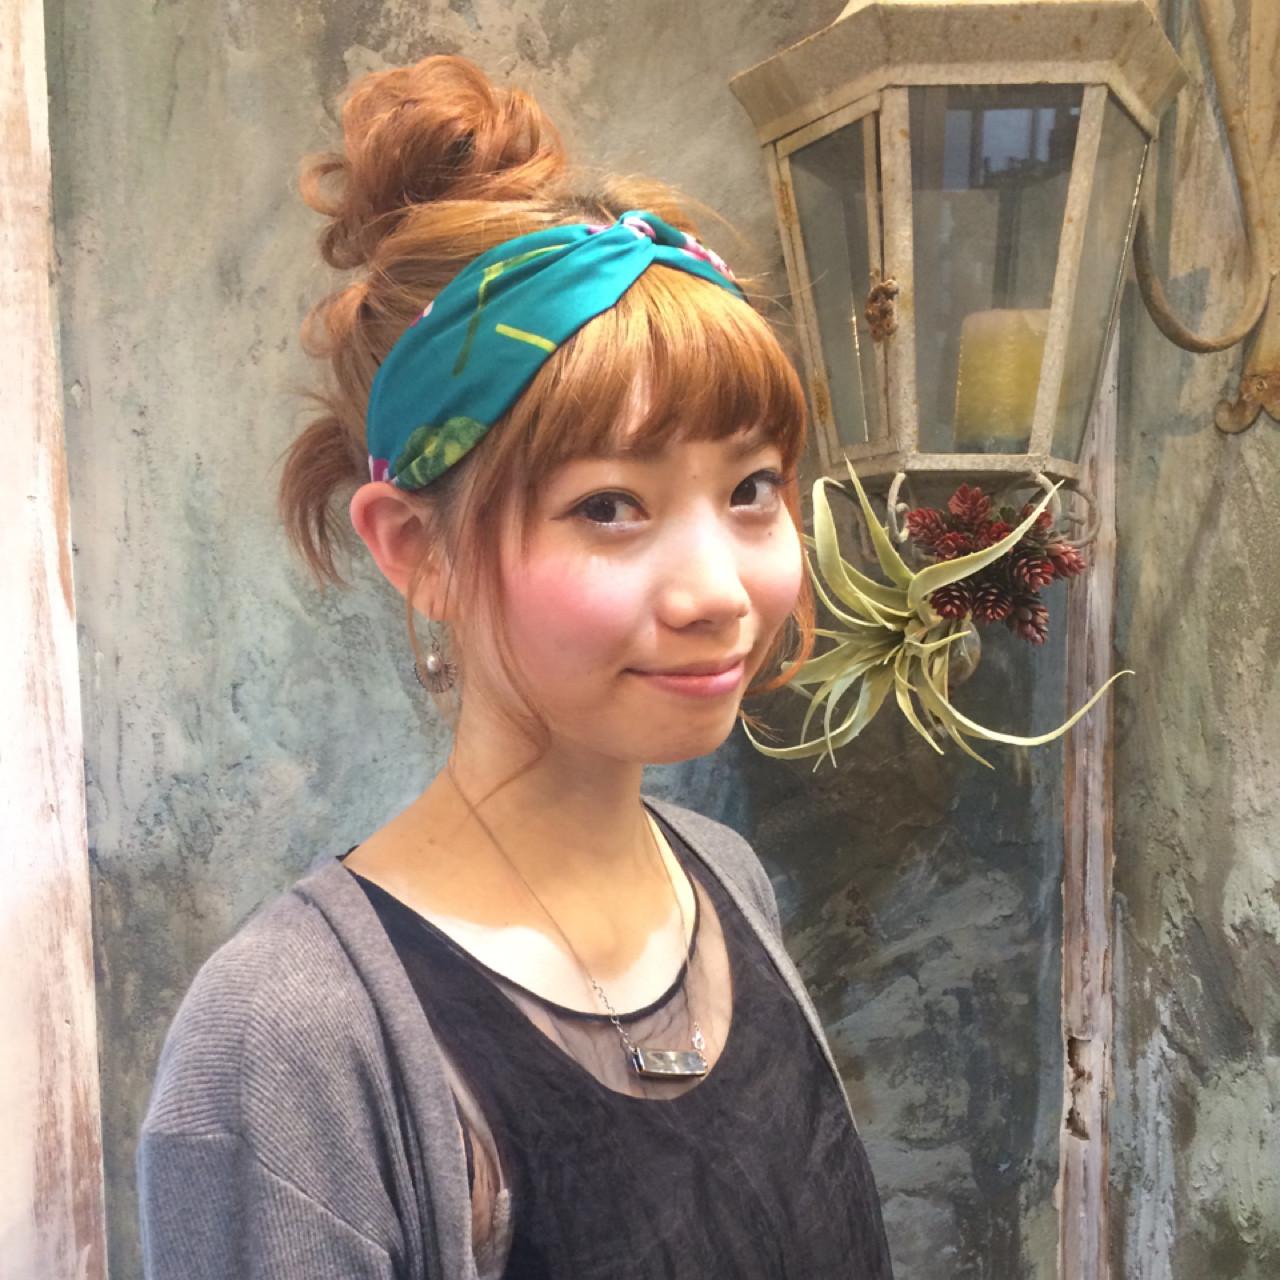 ヘアアレンジ ピュア ミディアム ショート ヘアスタイルや髪型の写真・画像 | 西川 賢一 blast / blast